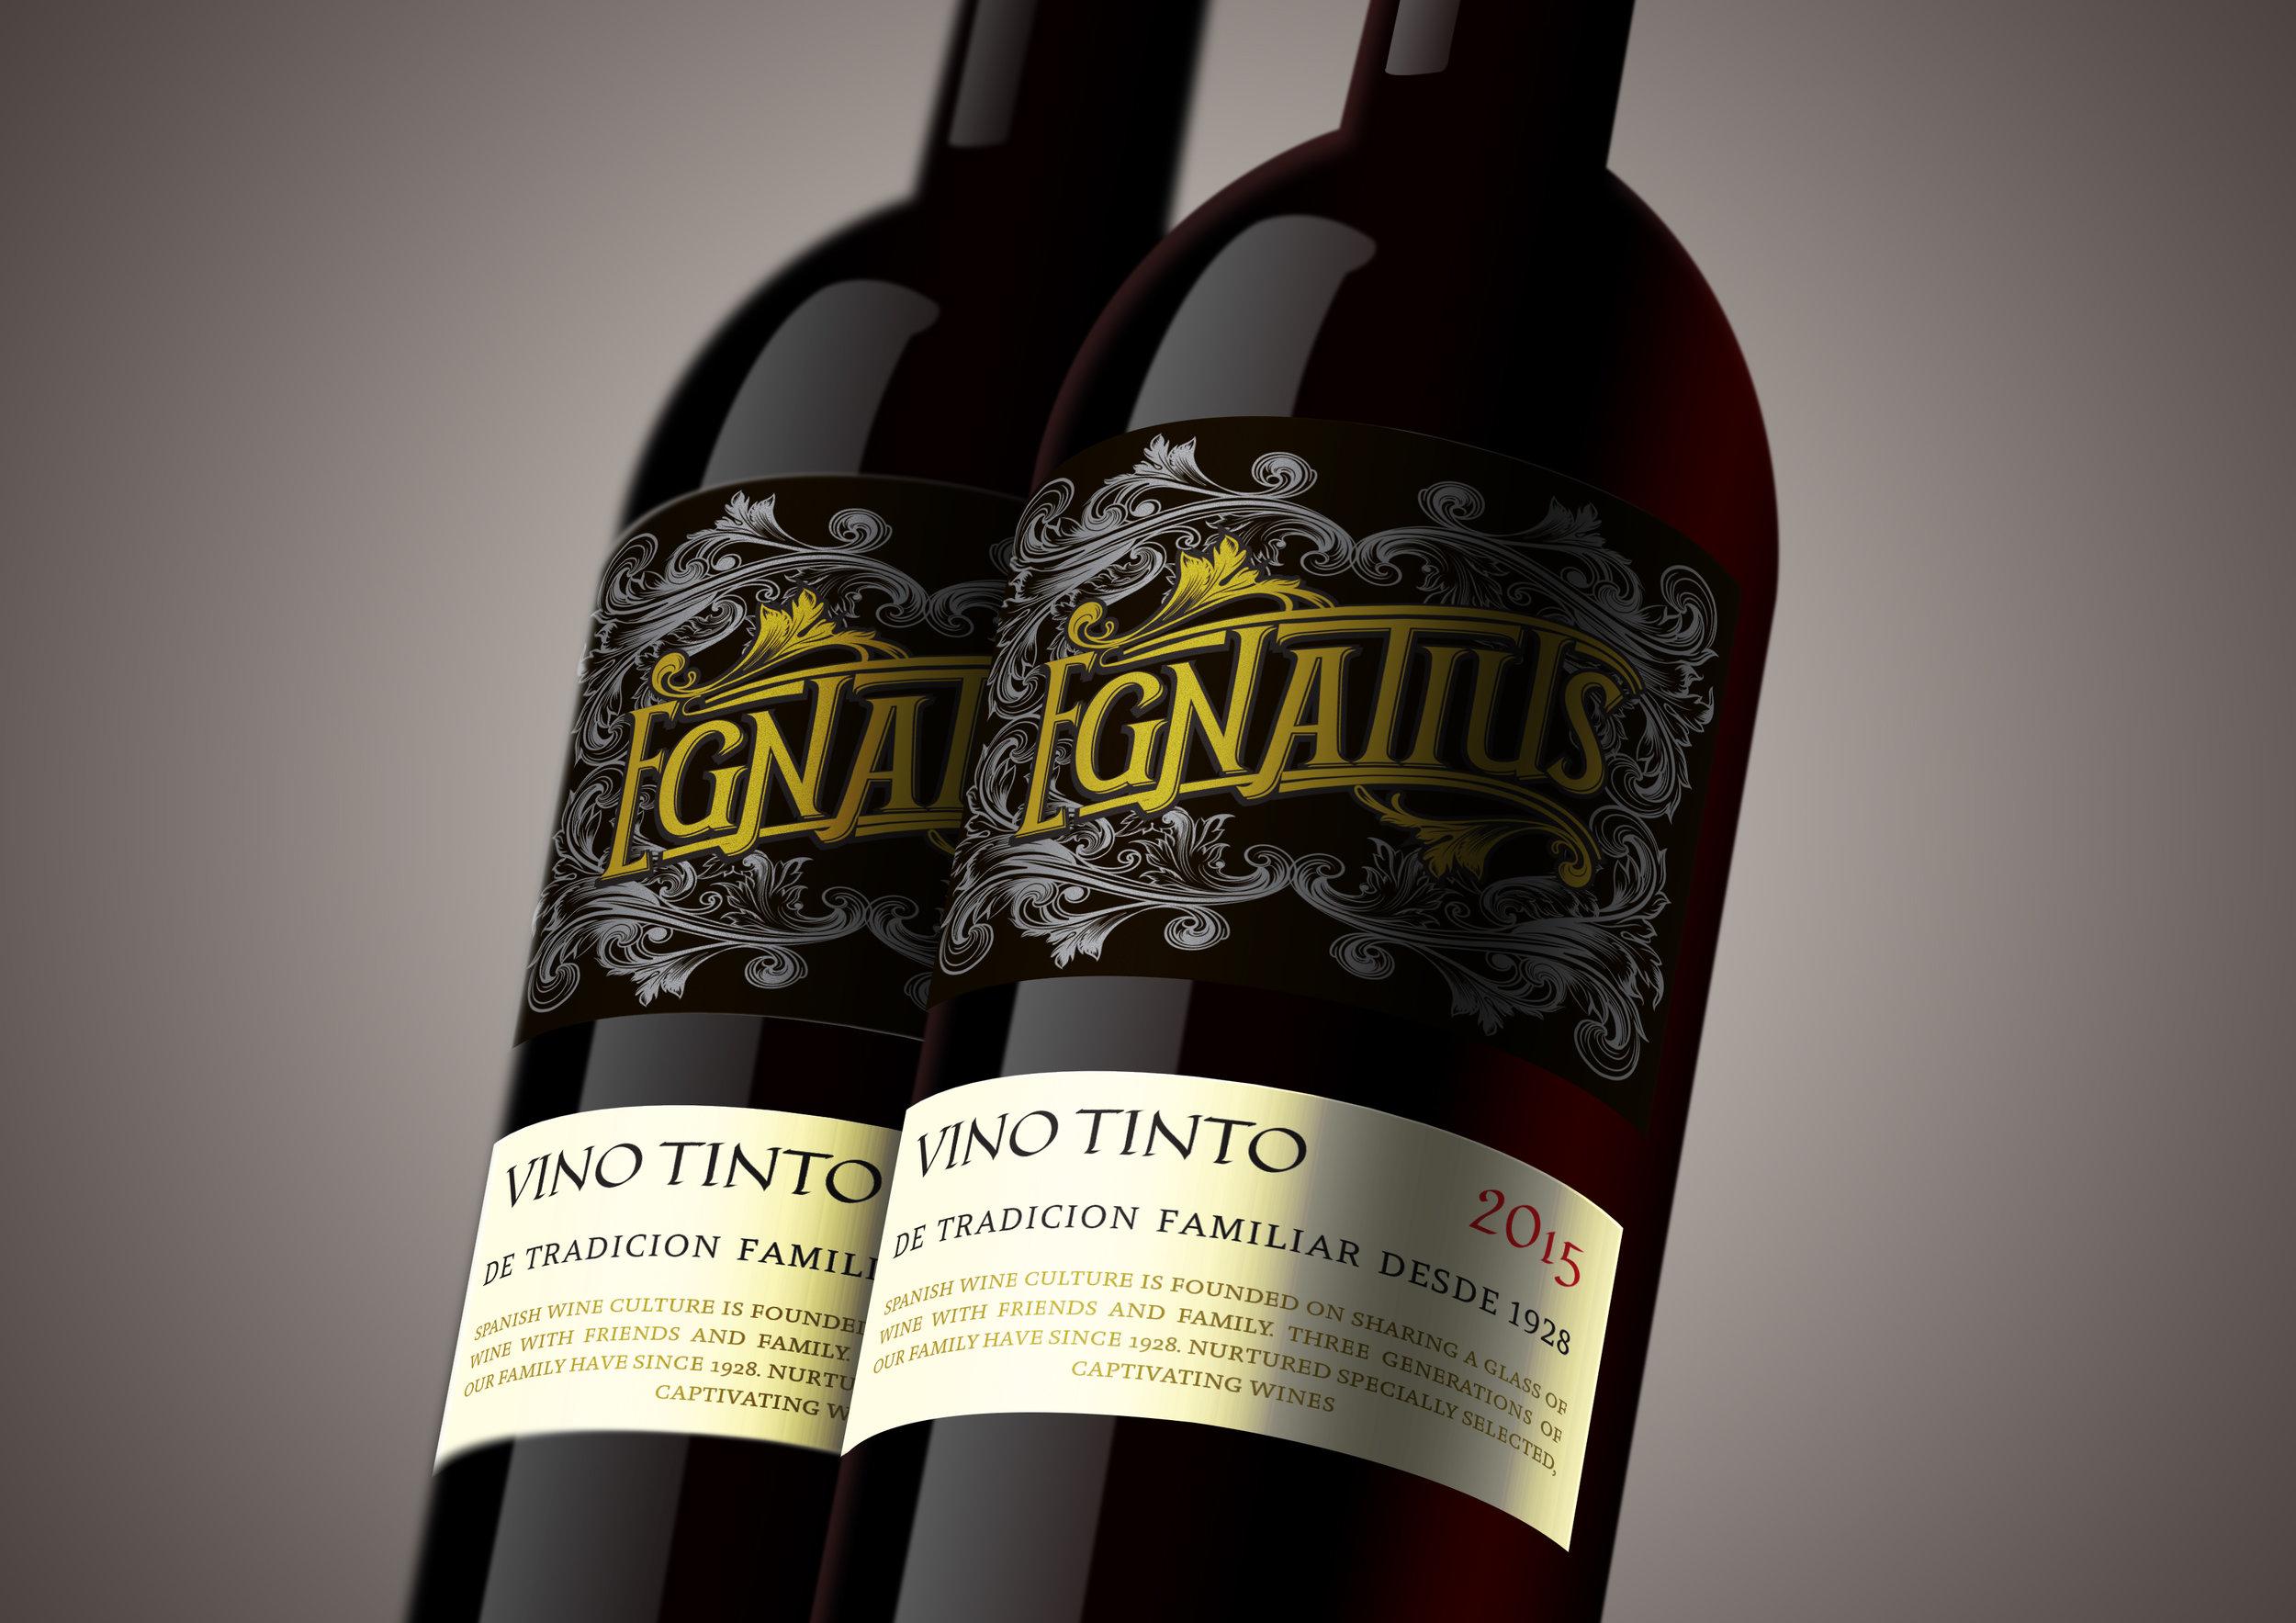 Egnatius 2 bottle shot.jpg